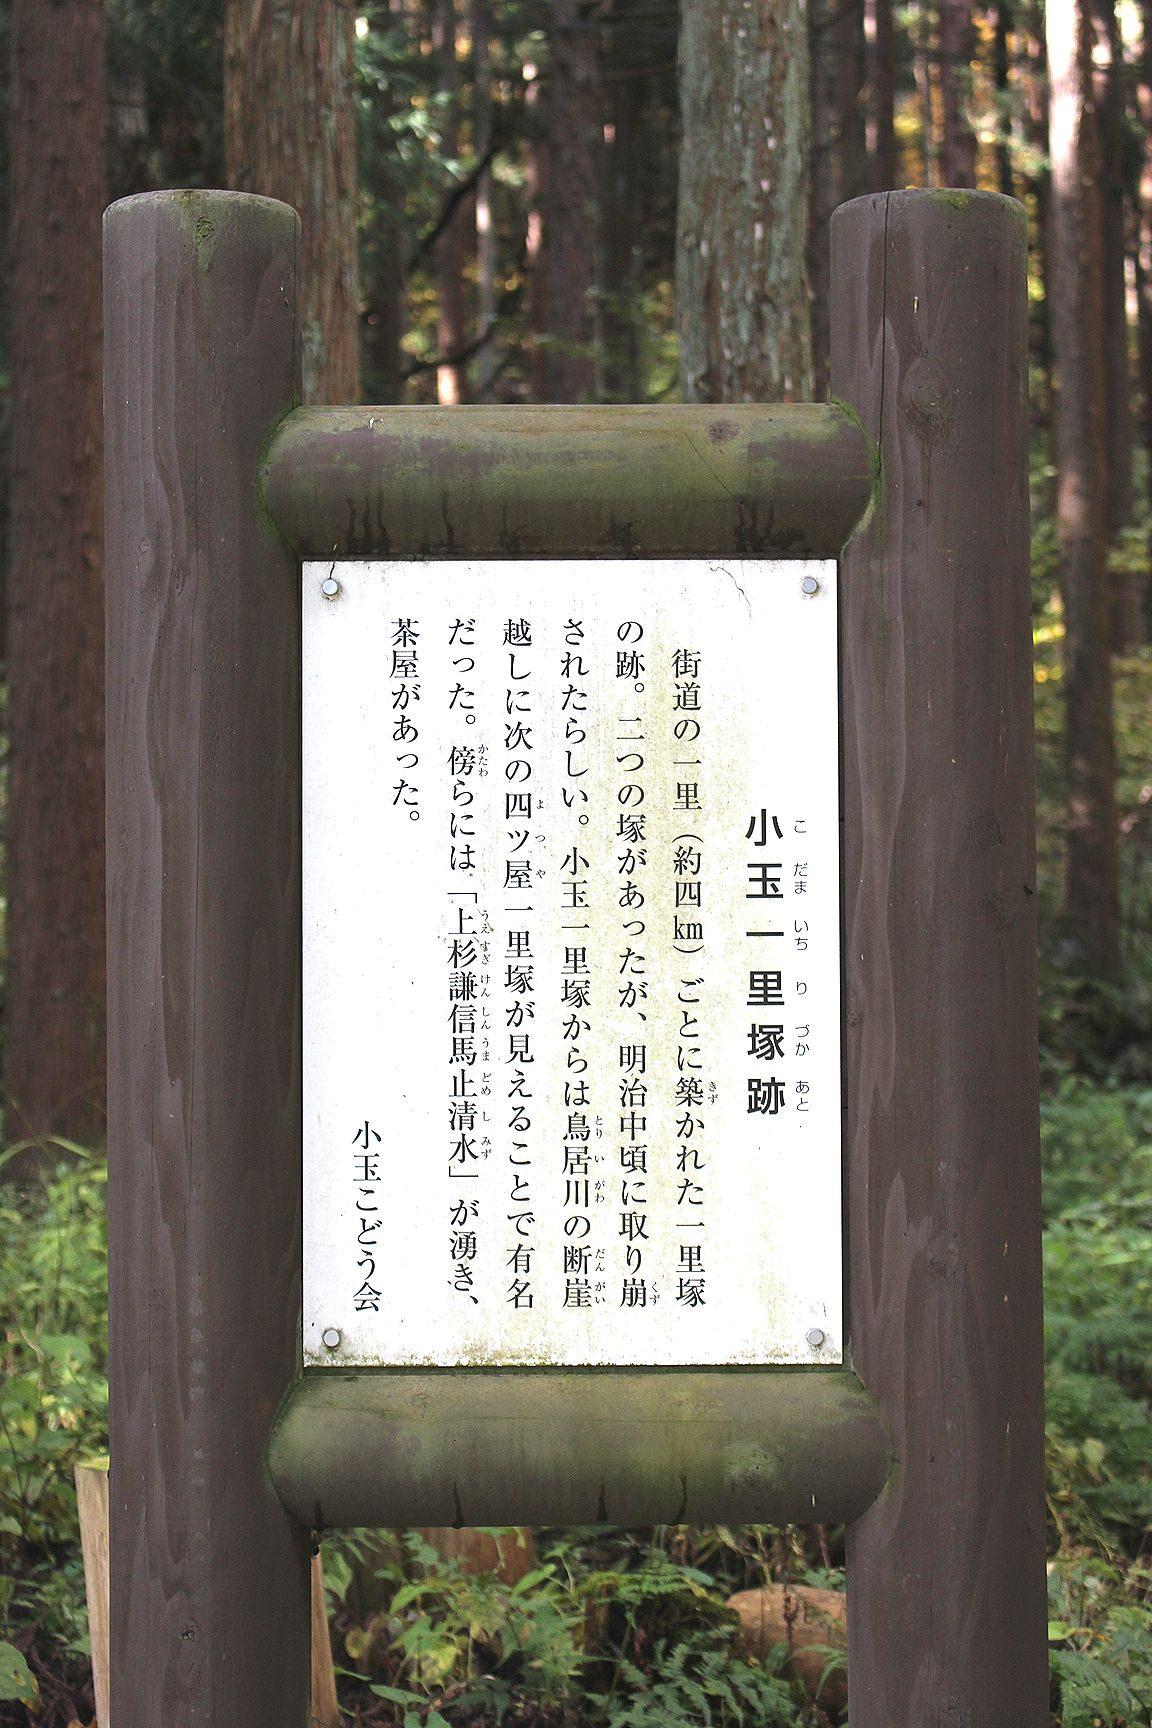 5小玉一里塚(こだまいちりづか)跡